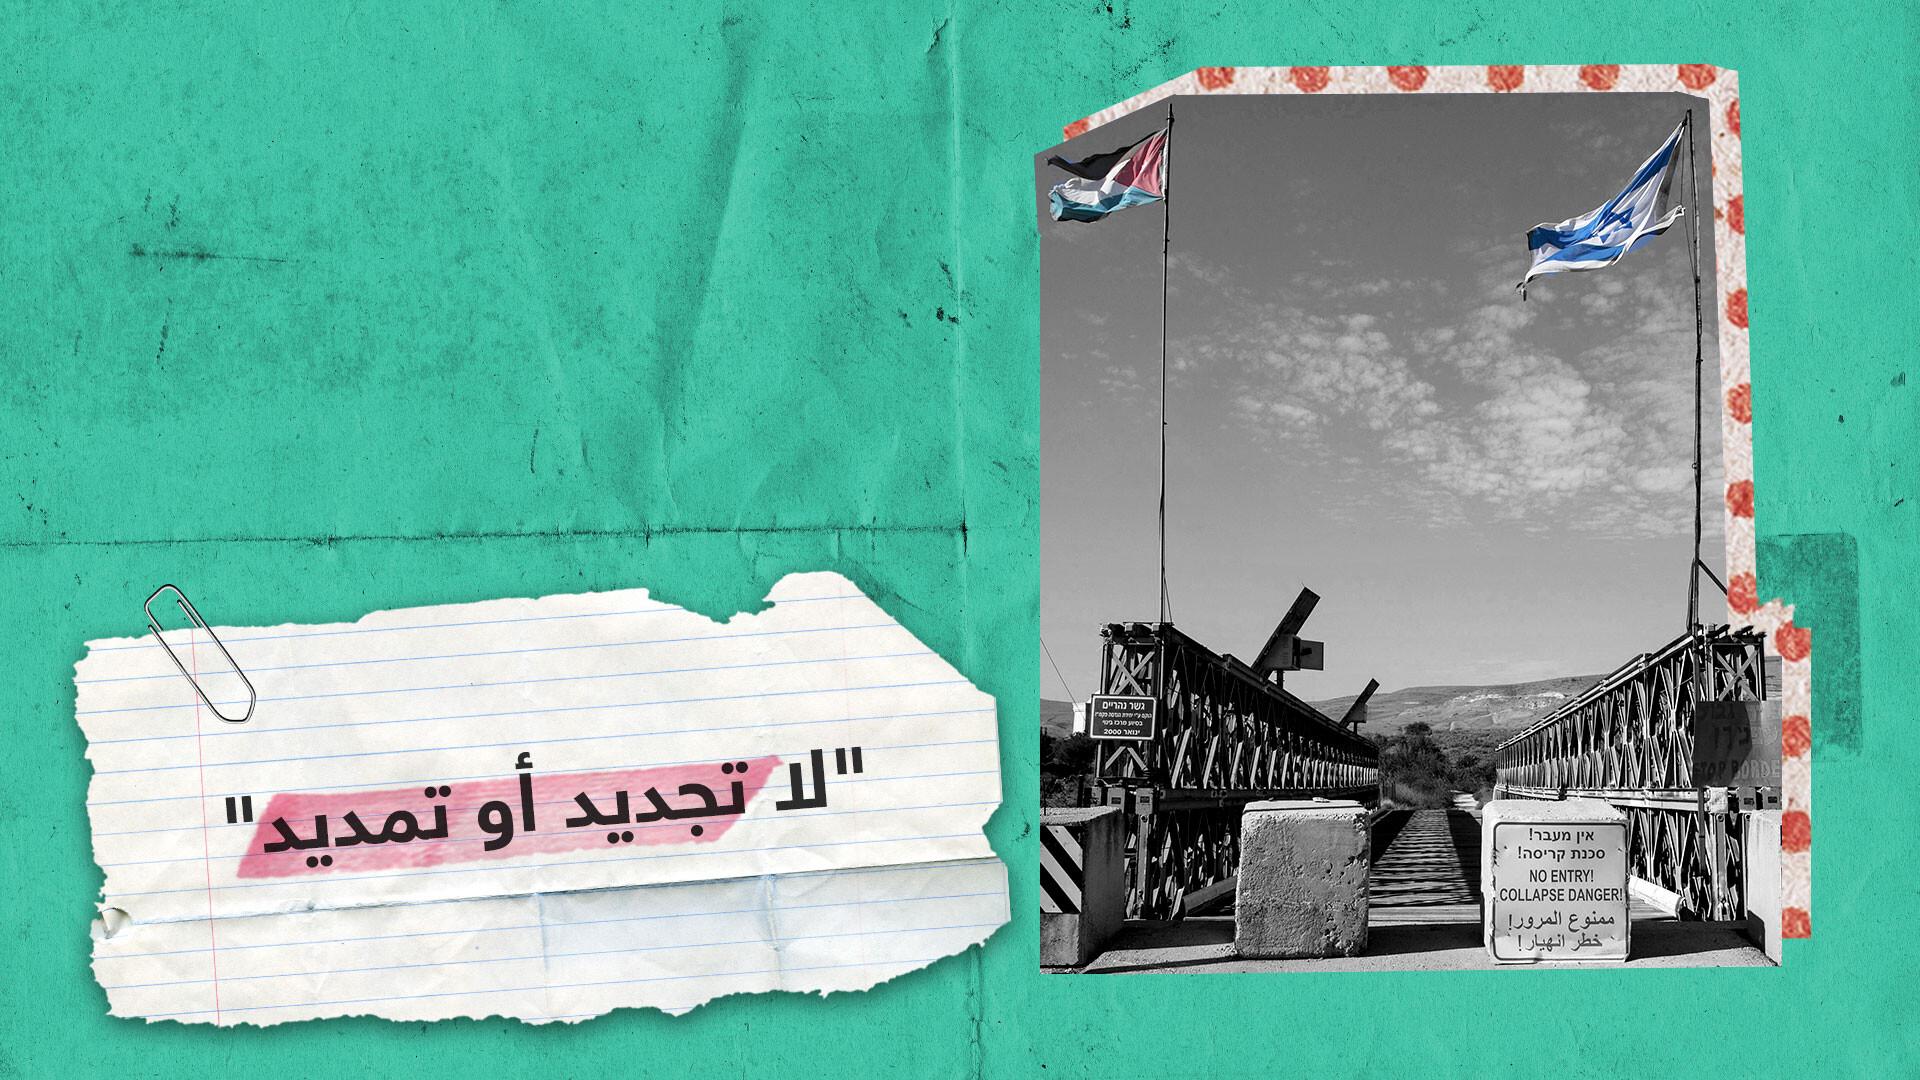 الأردن ينفي صحة ما نُشر في إسرائيل عن تمديد استعمال الباقورة والغمر